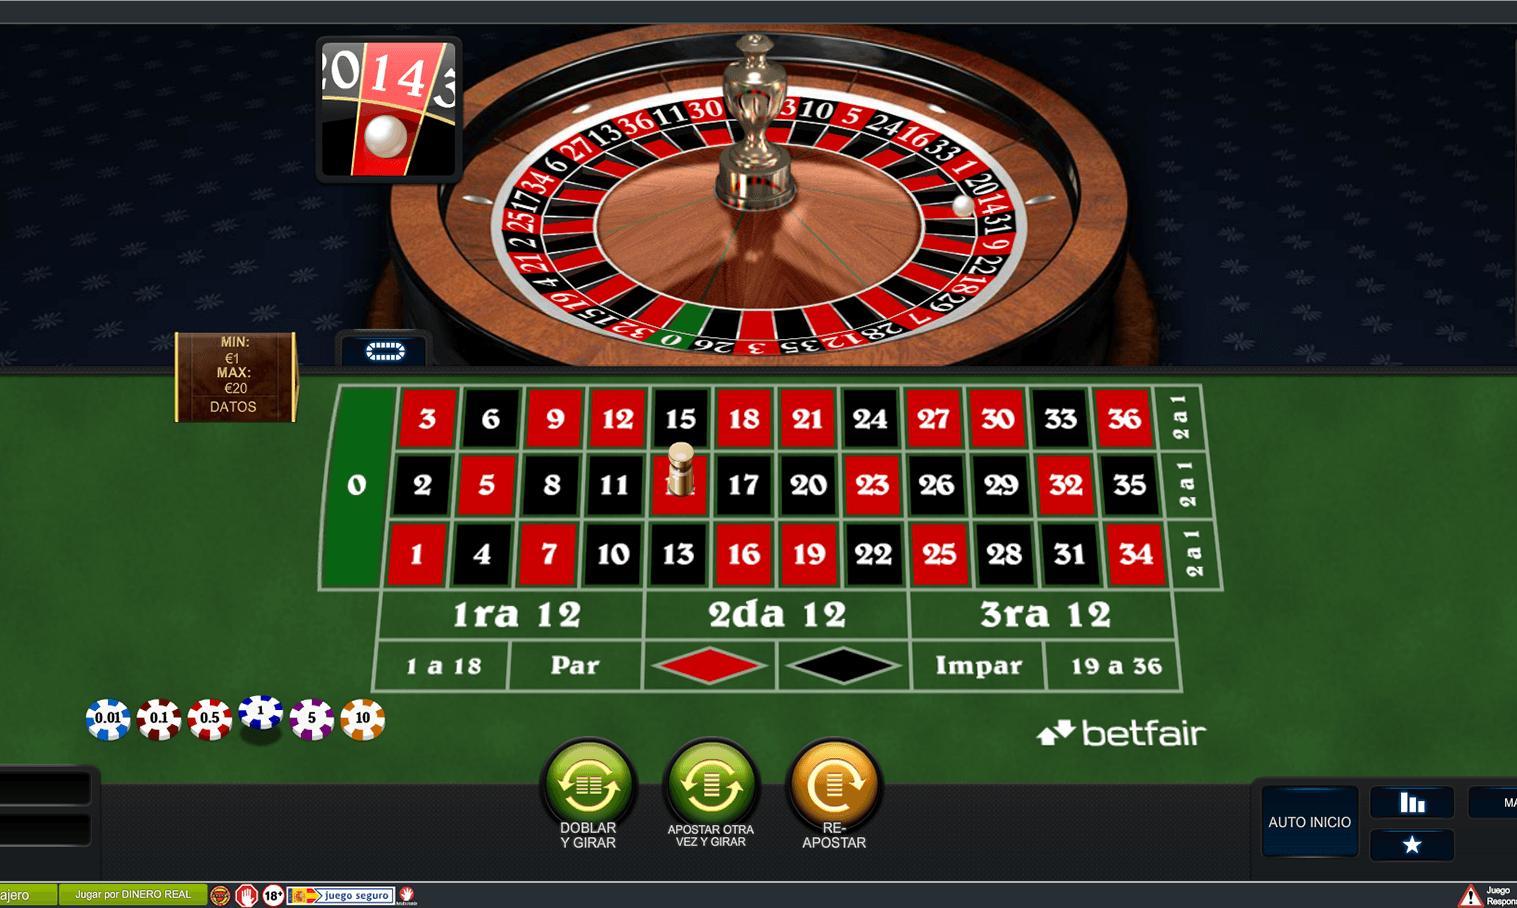 Descripción del casino ruleta-39504